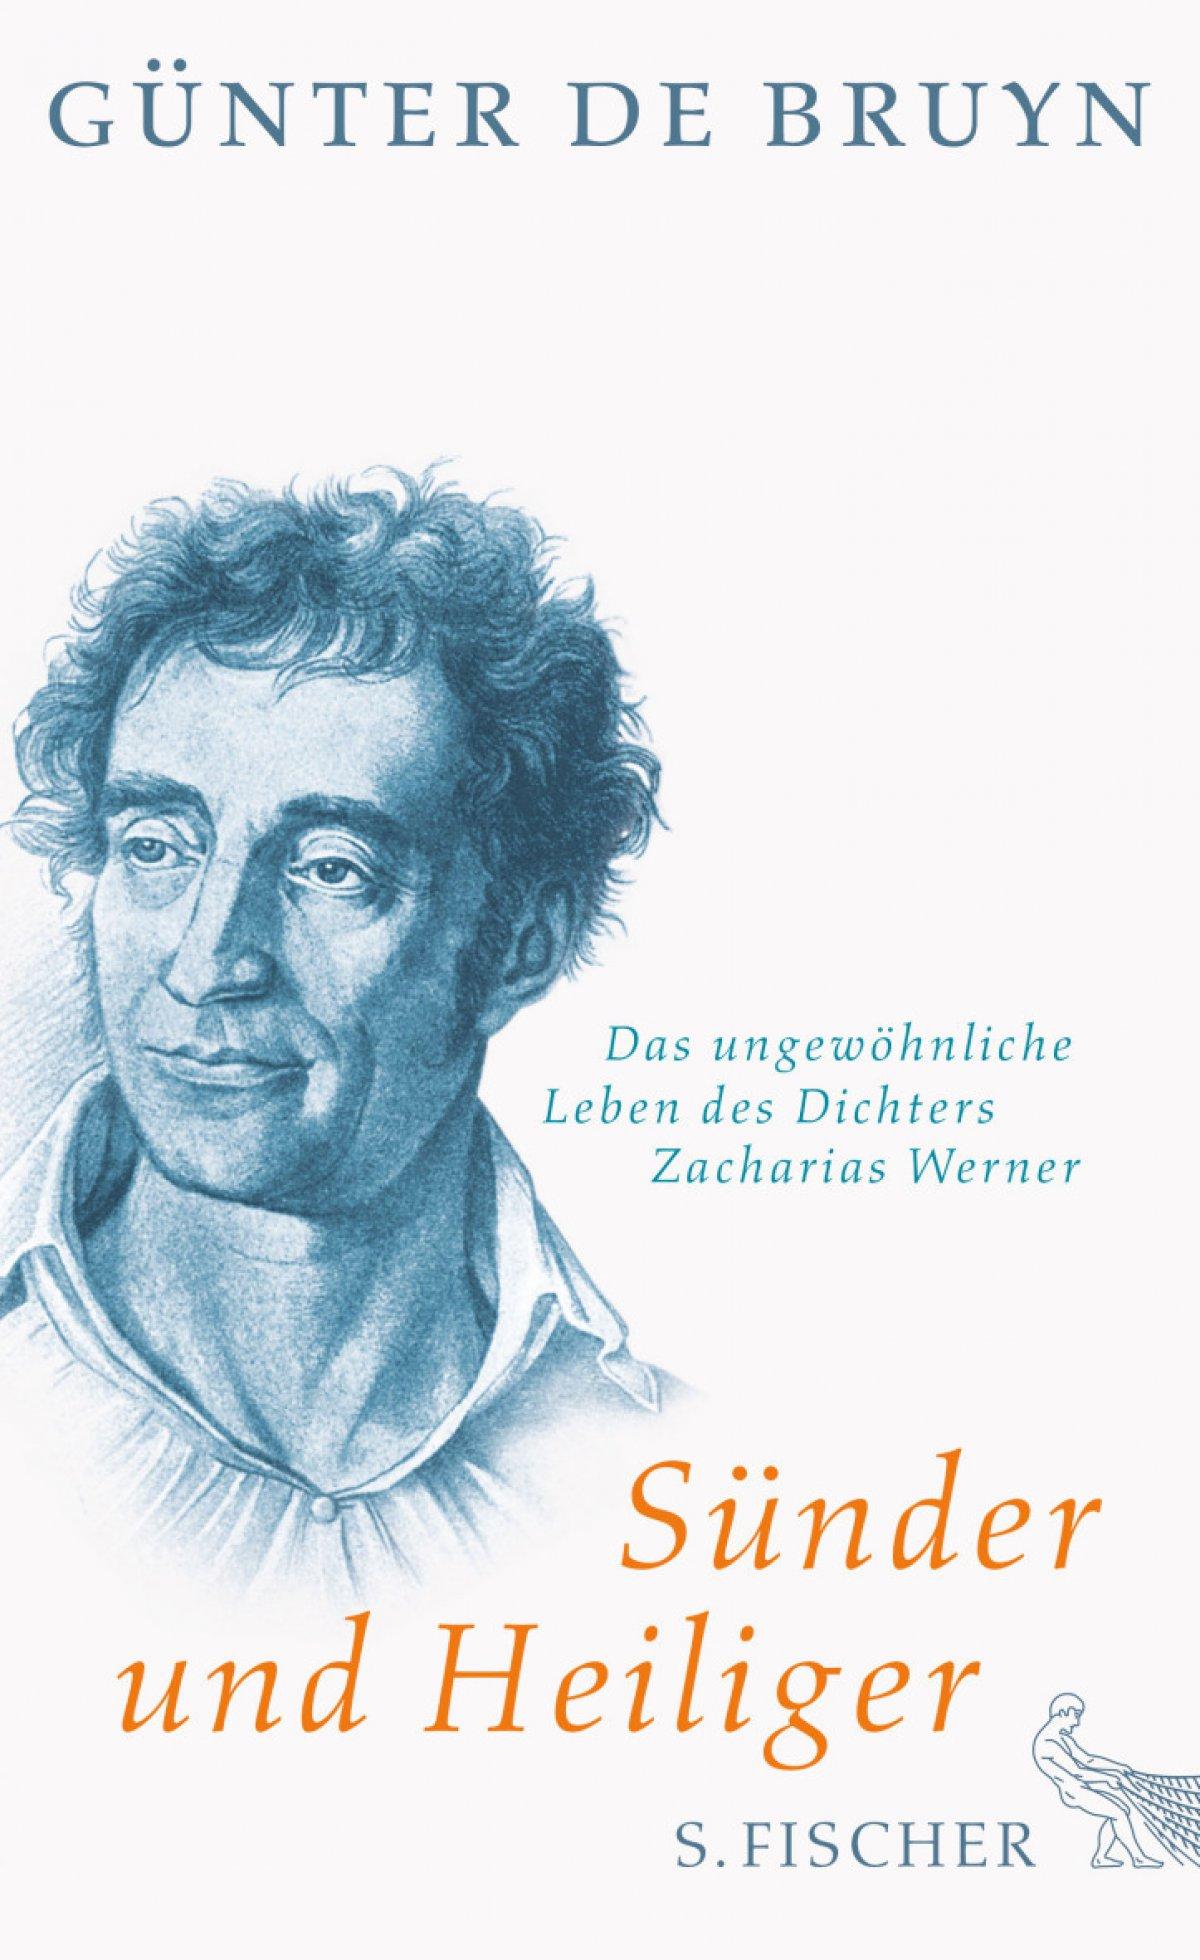 Günter de Bruyn auf den Spuren des erstaunlichen Dichters Zacharias Werner